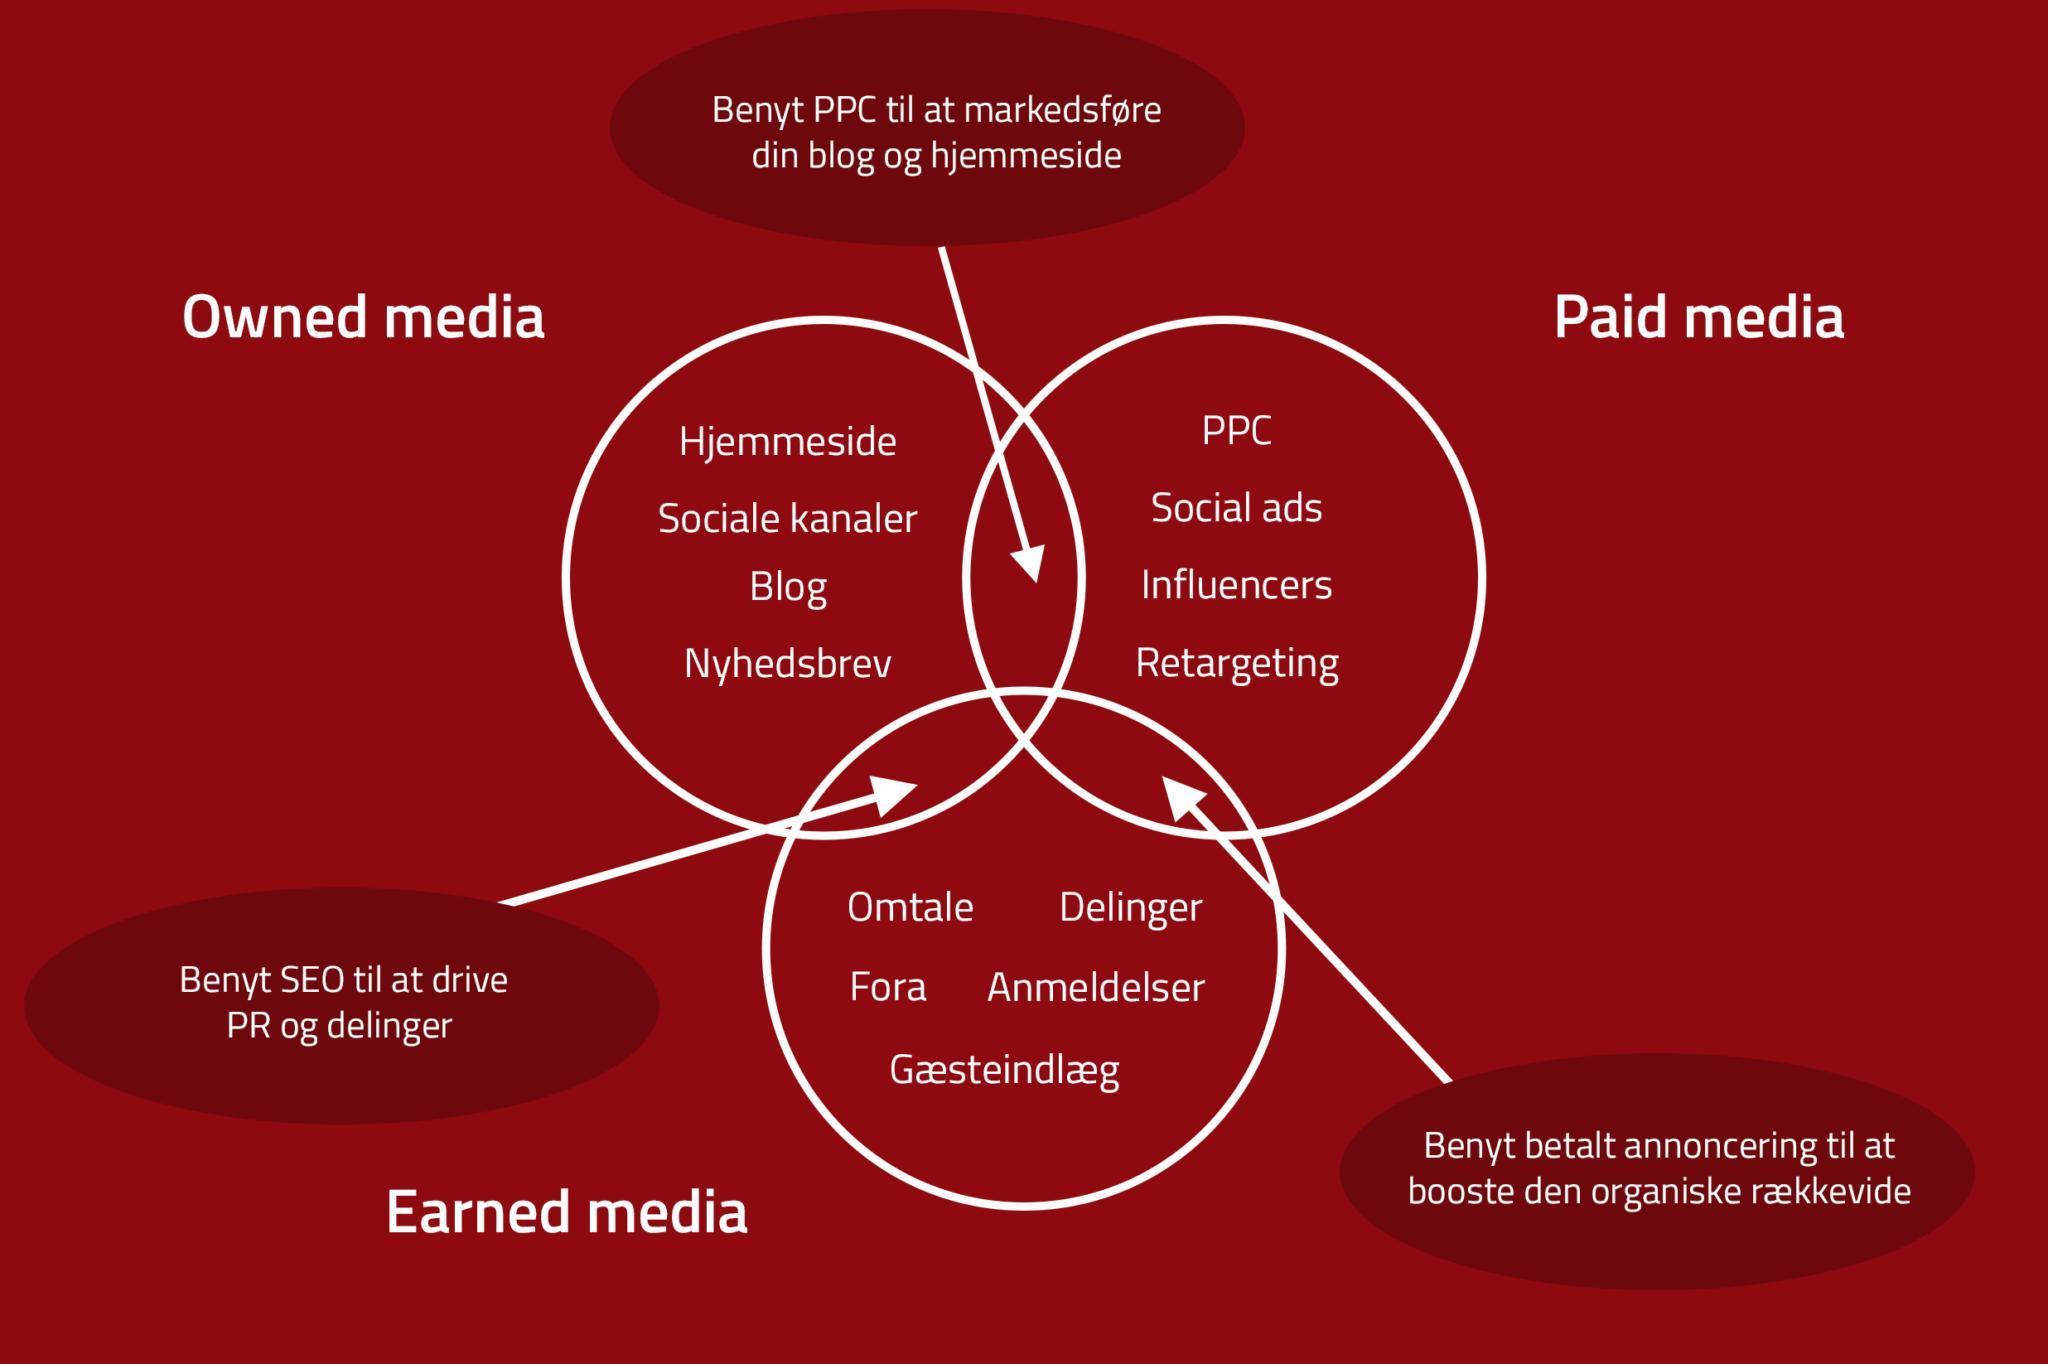 Illustration af indholdstyper på tværs af owned, paid og earned medieplatforme.